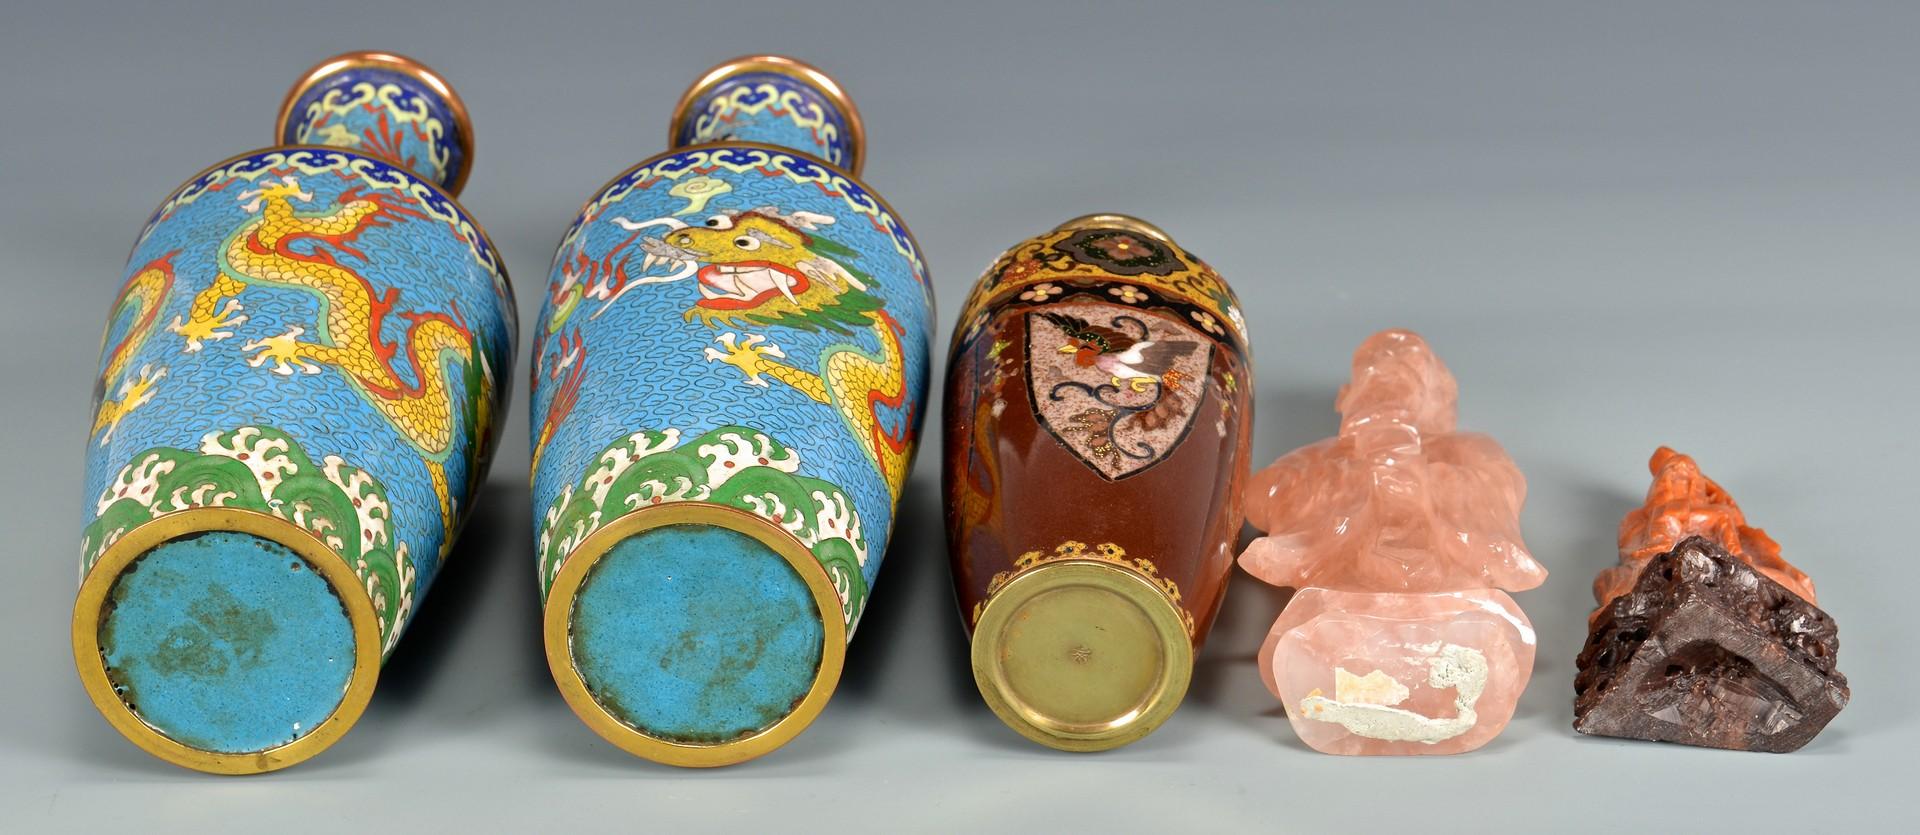 Lot 747: 5 Asian Decorative Items, incl. Cloisonne